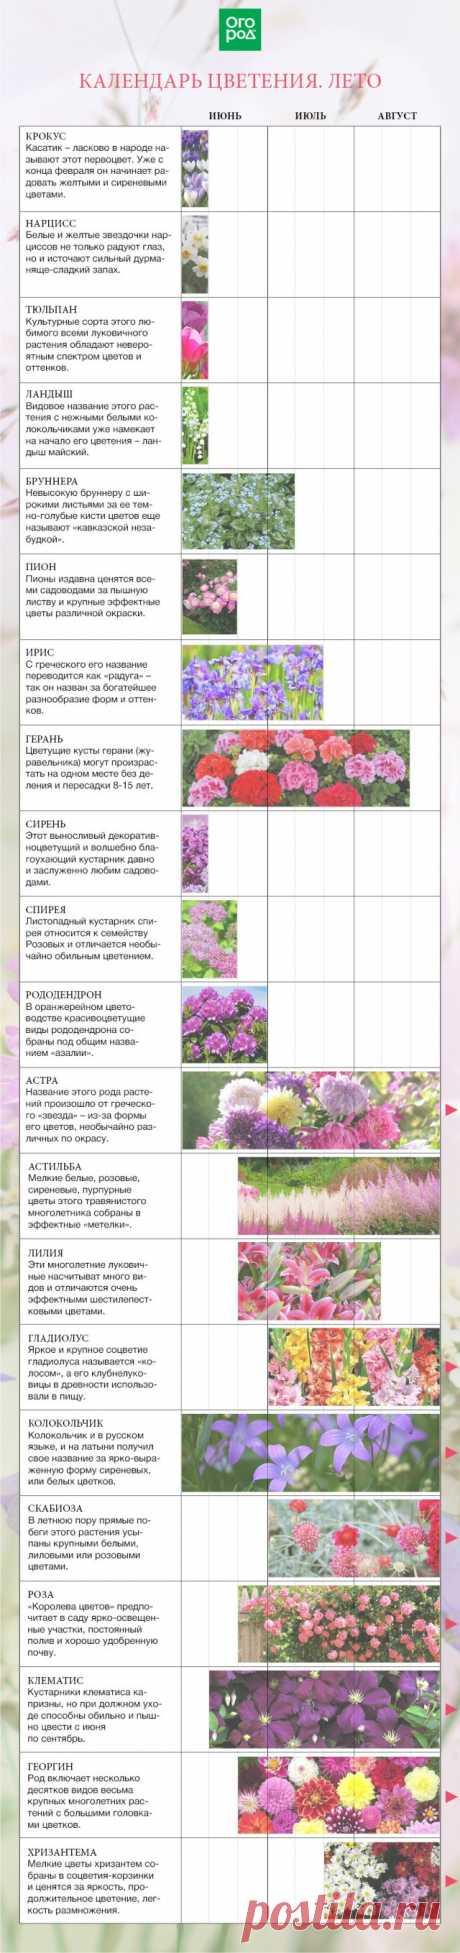 El calendario del florecimiento mnogoletnikov por meses desde la primavera hasta otoño | el Calendario de los trabajos (Огород.ru)